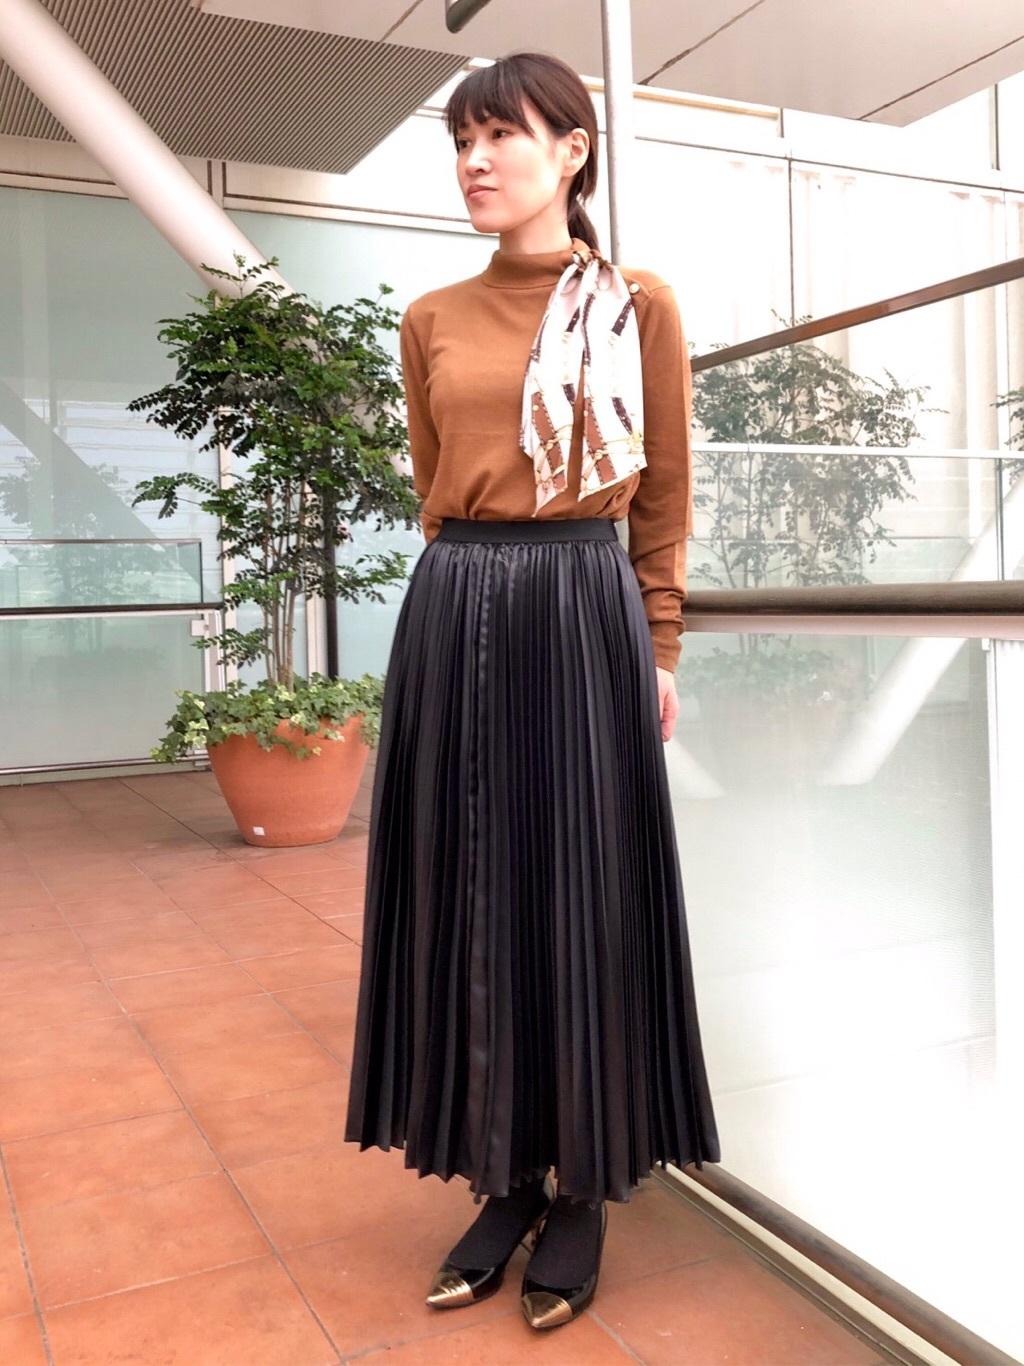 トレンドのスカーフがセットになったニットは、アレンジもしやすく顔まわりが明るく見えます。 ロングプリーツスカートを合わせて今年らしいコーディネートに。  (トップス9号、スカート7号着用)  玉川高島屋ショッピングセンター  MODEL:H153cm